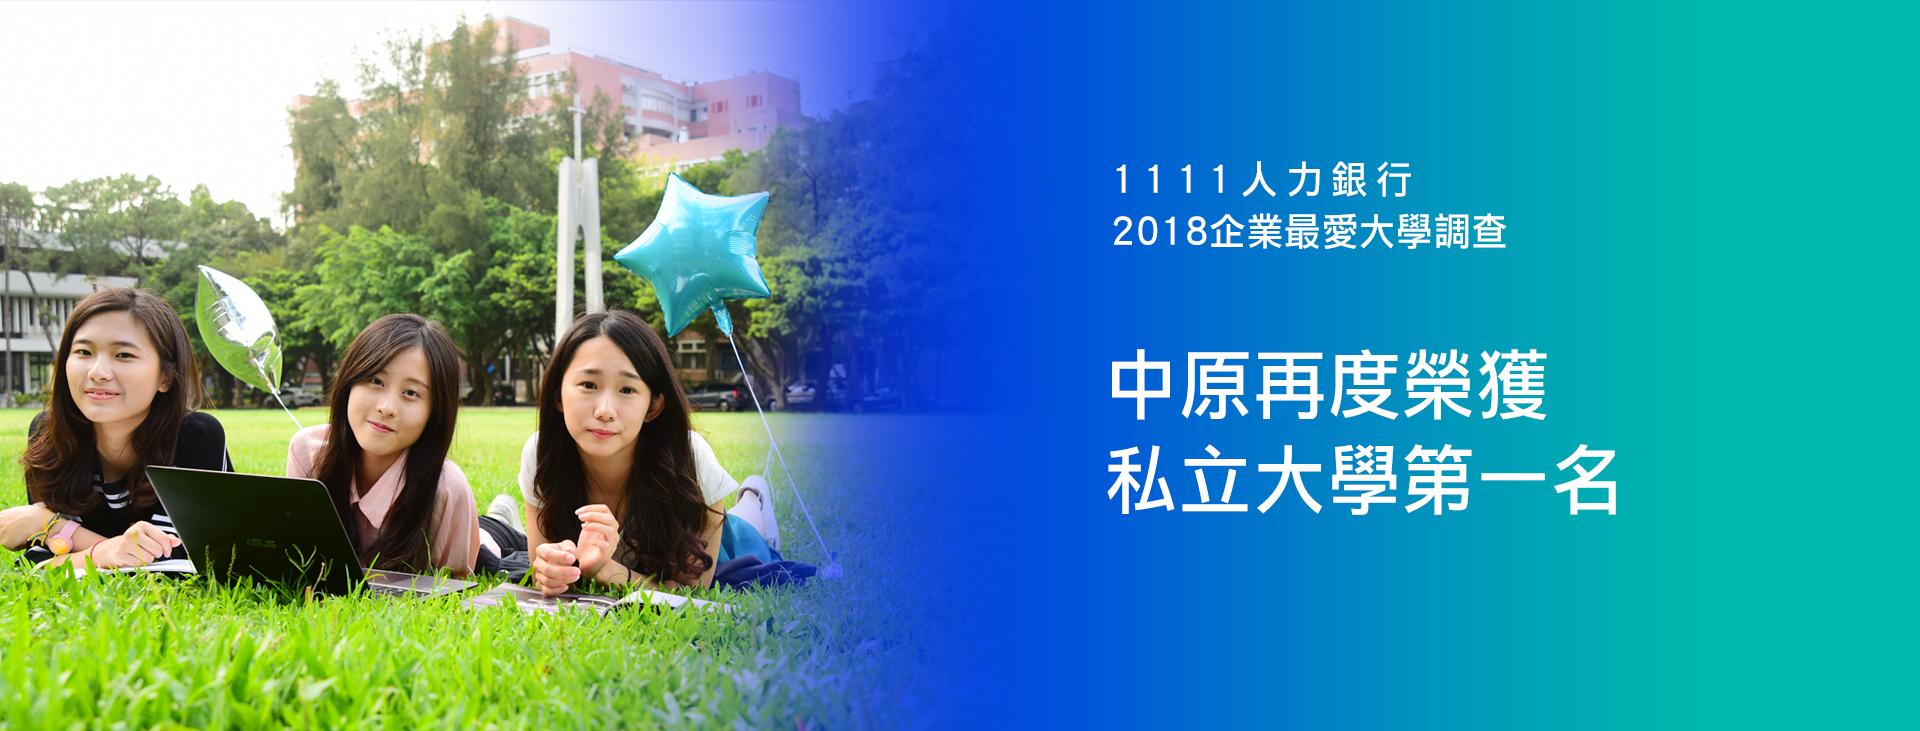 1111人力銀行2018企業最愛大學-中原再度榮獲私立大學第一名